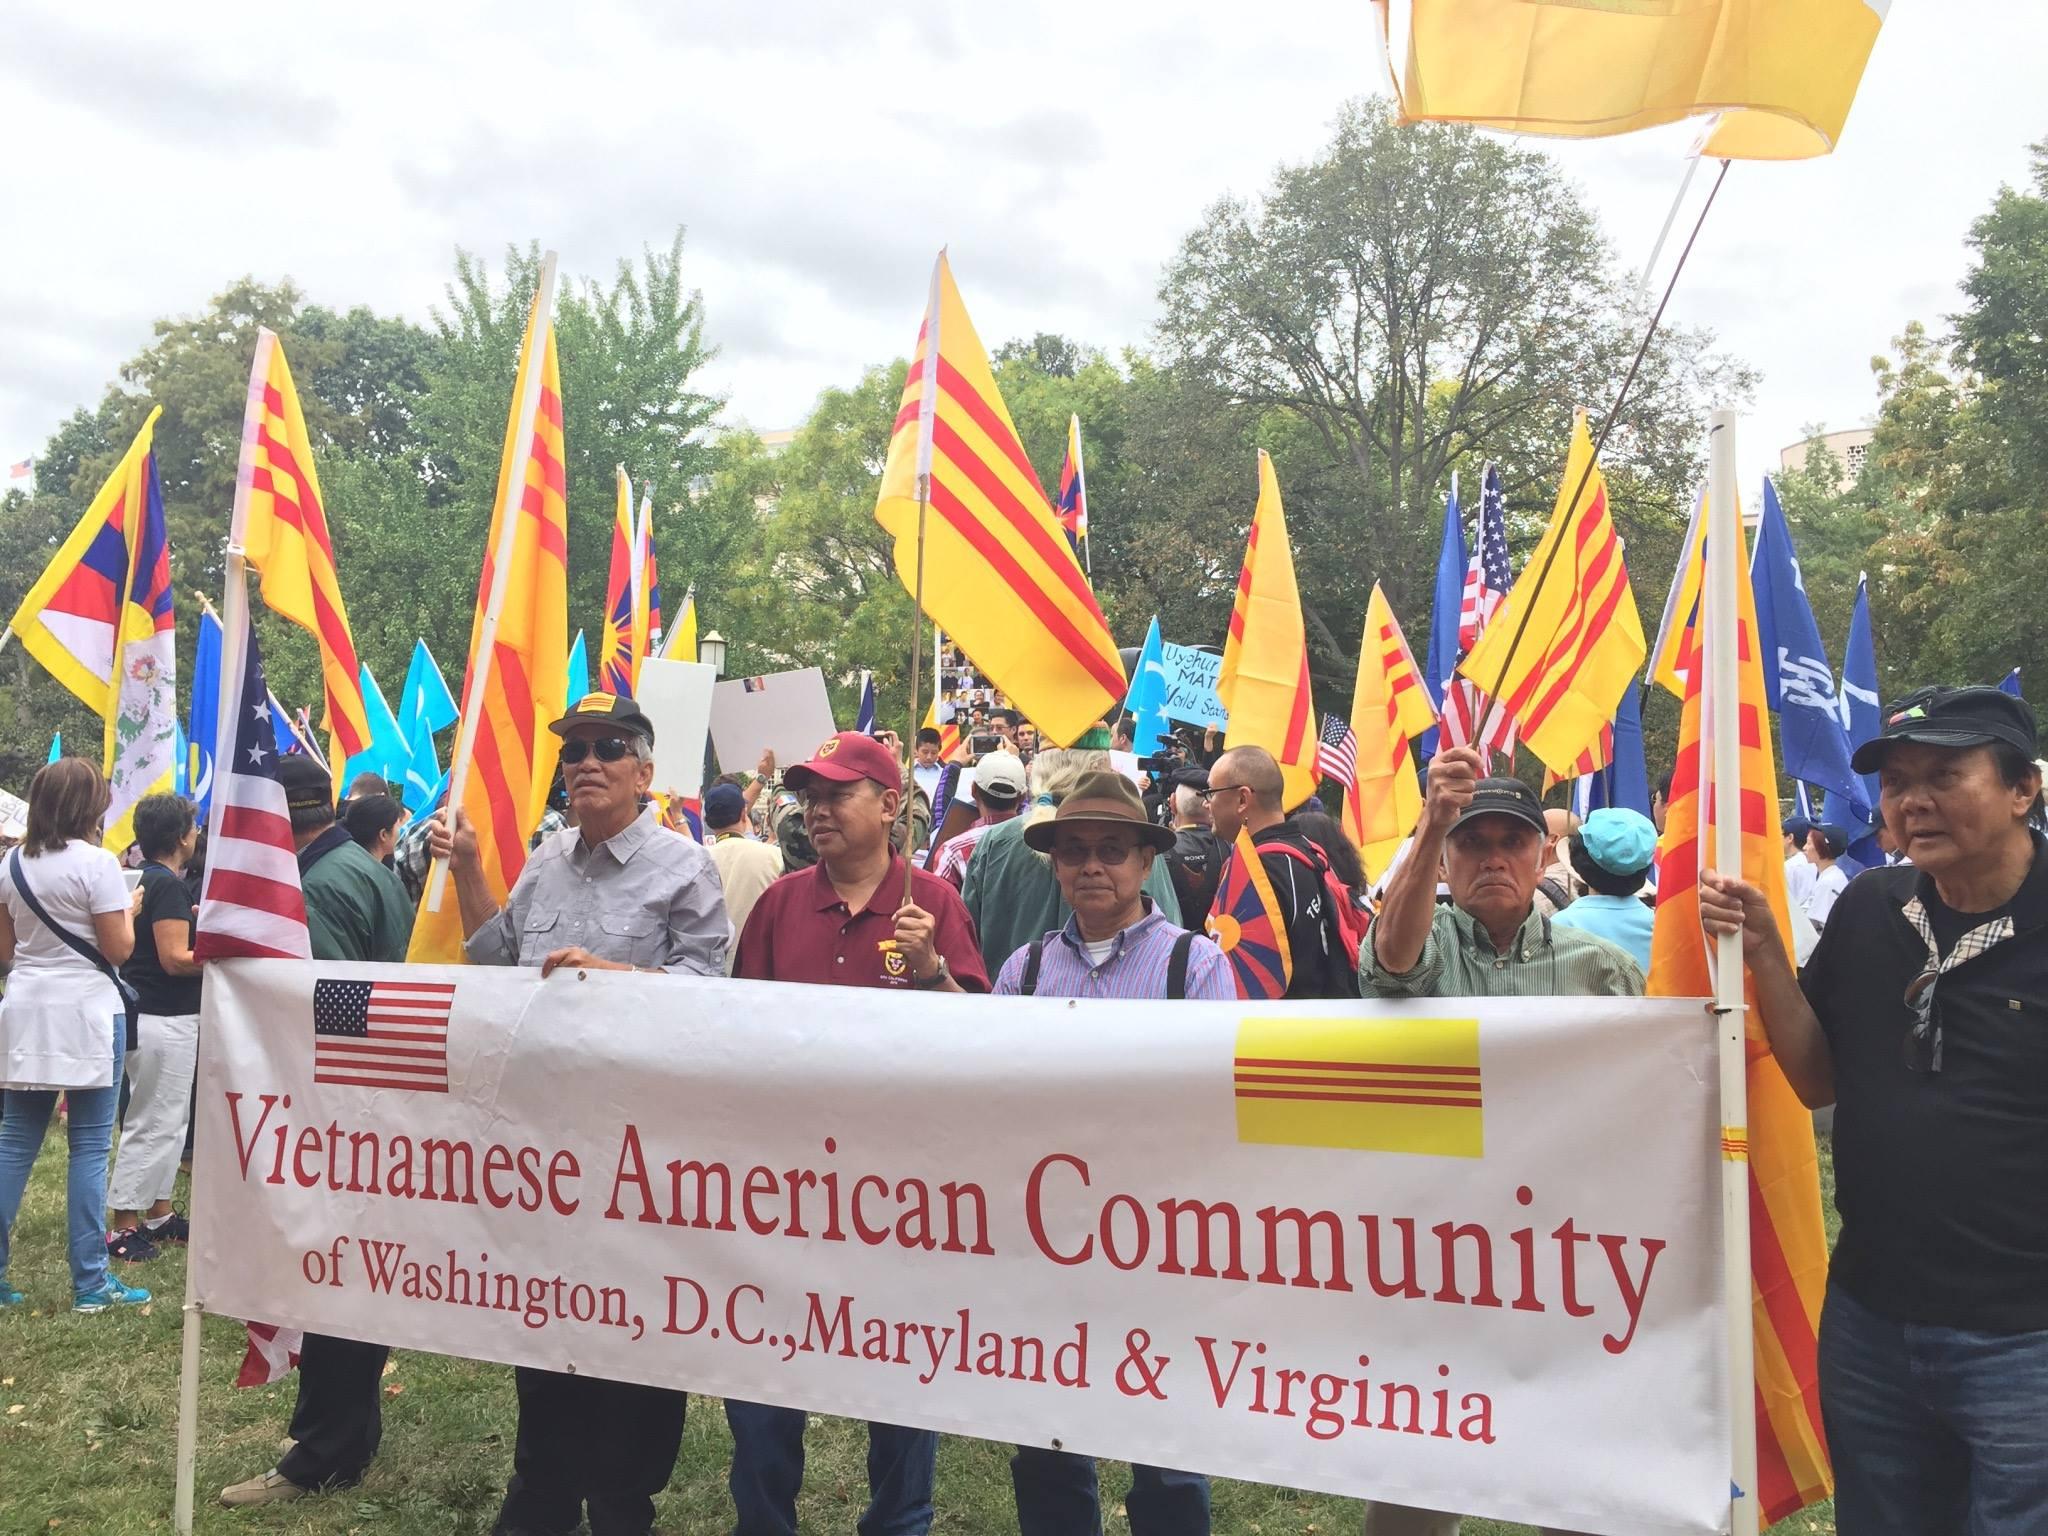 Cộng đồng Việt đồng hành với các cộng đồng bạn biểu tình chống Tập Cận Bình